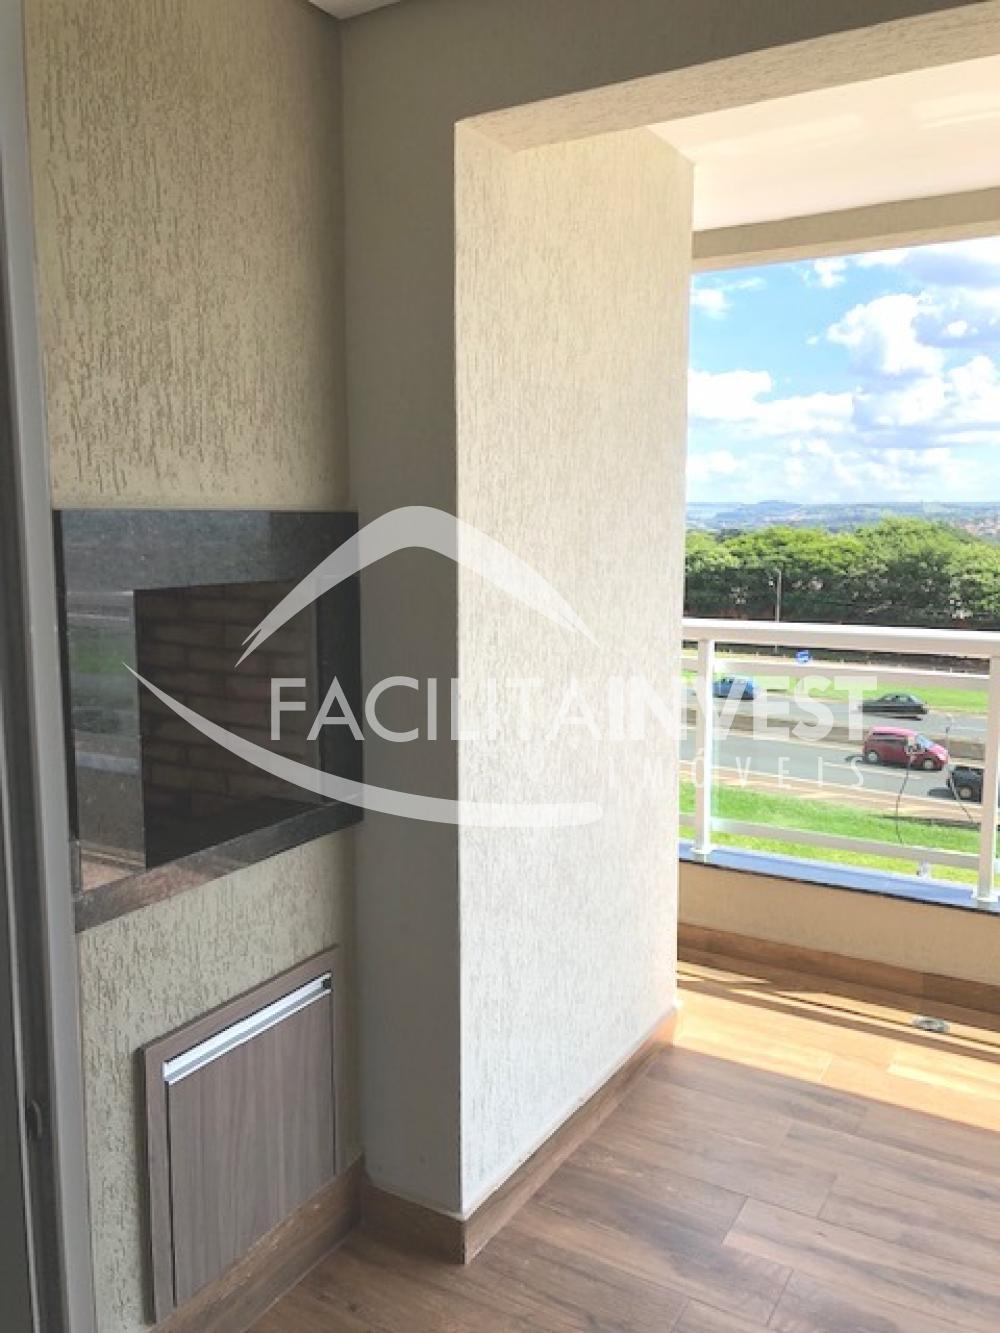 Alugar Lançamentos/ Empreendimentos em Construç / Apartamento padrão - Lançamento em Ribeirão Preto apenas R$ 1.200,00 - Foto 12